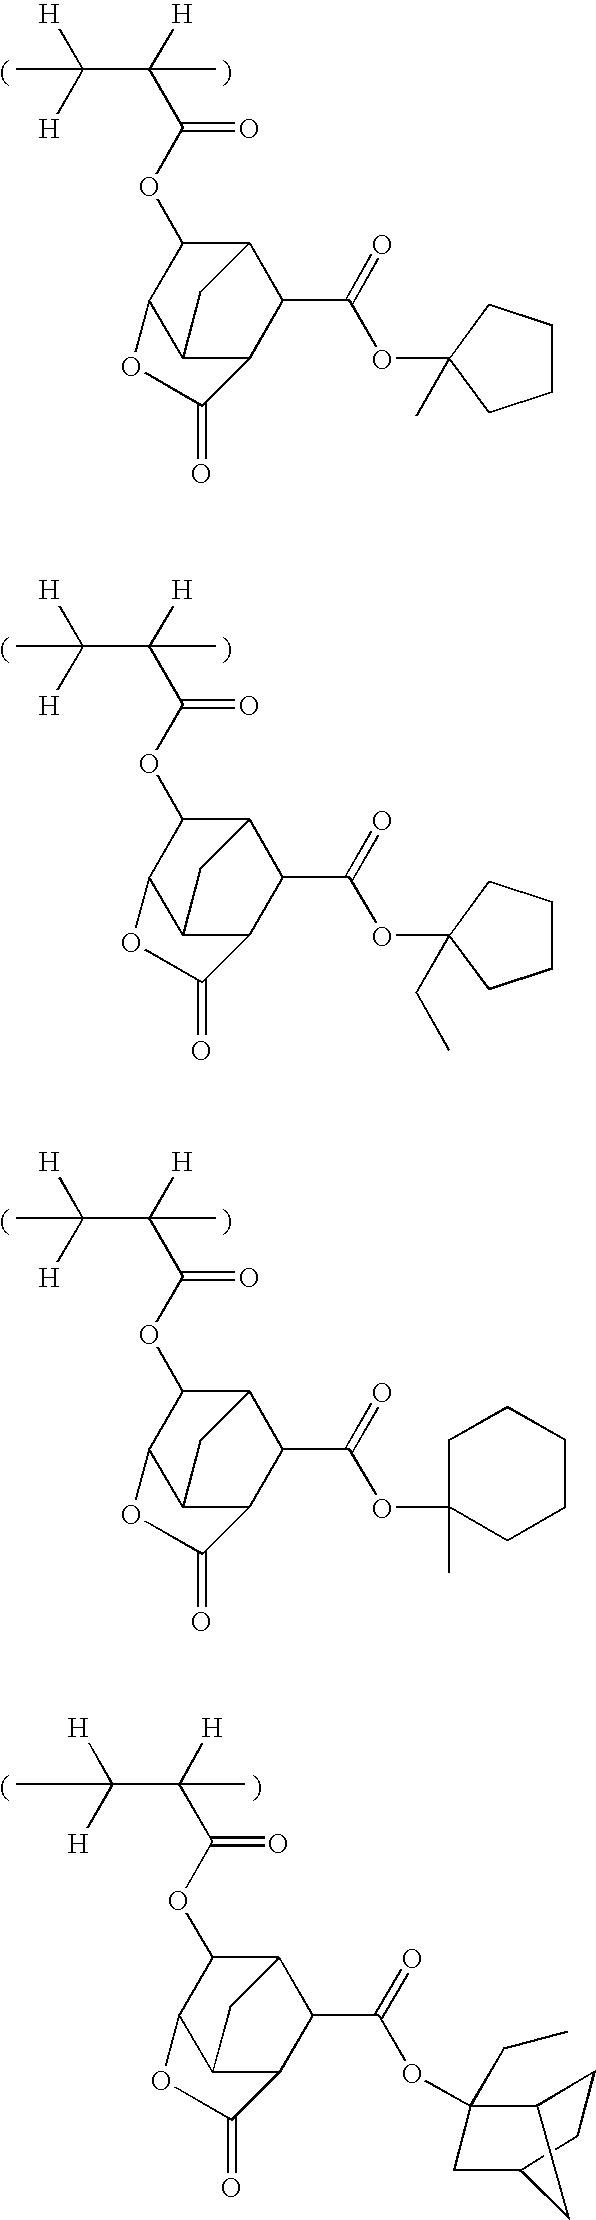 Figure US07687222-20100330-C00046